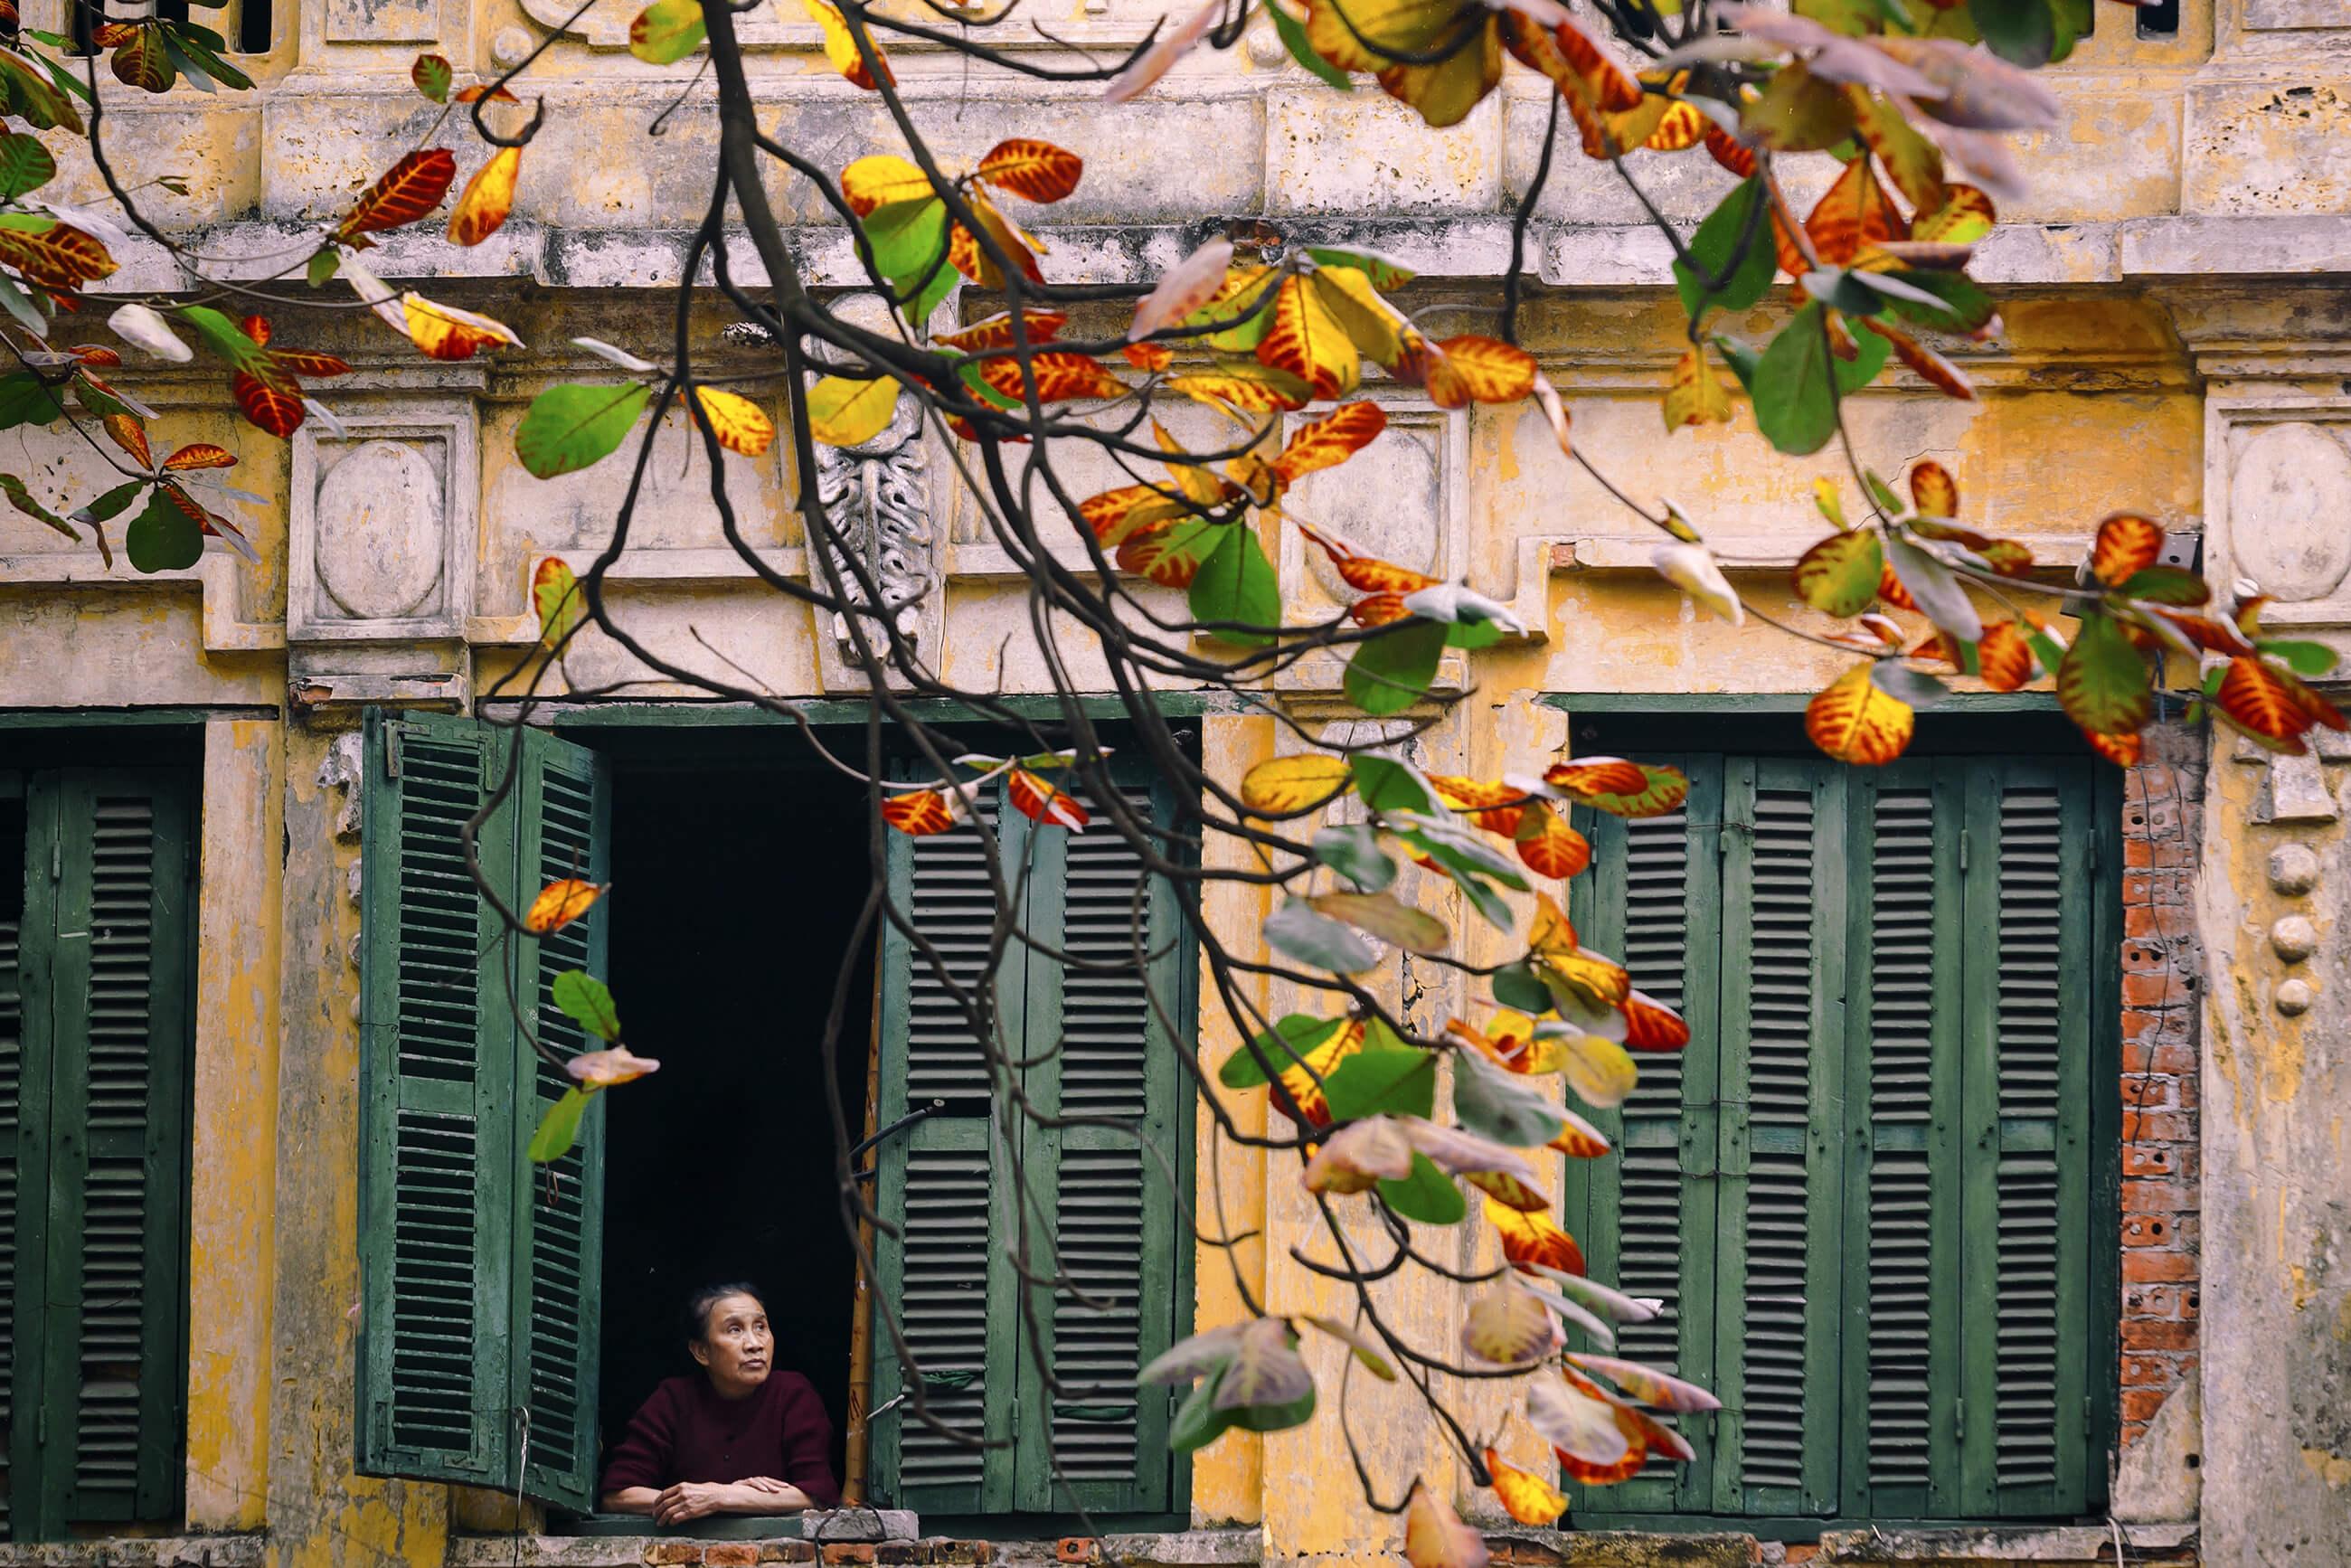 https://bubo.sk/uploads/galleries/4915/pxb_vietnam_hanoi-old-quarter-3559137-1-.jpg